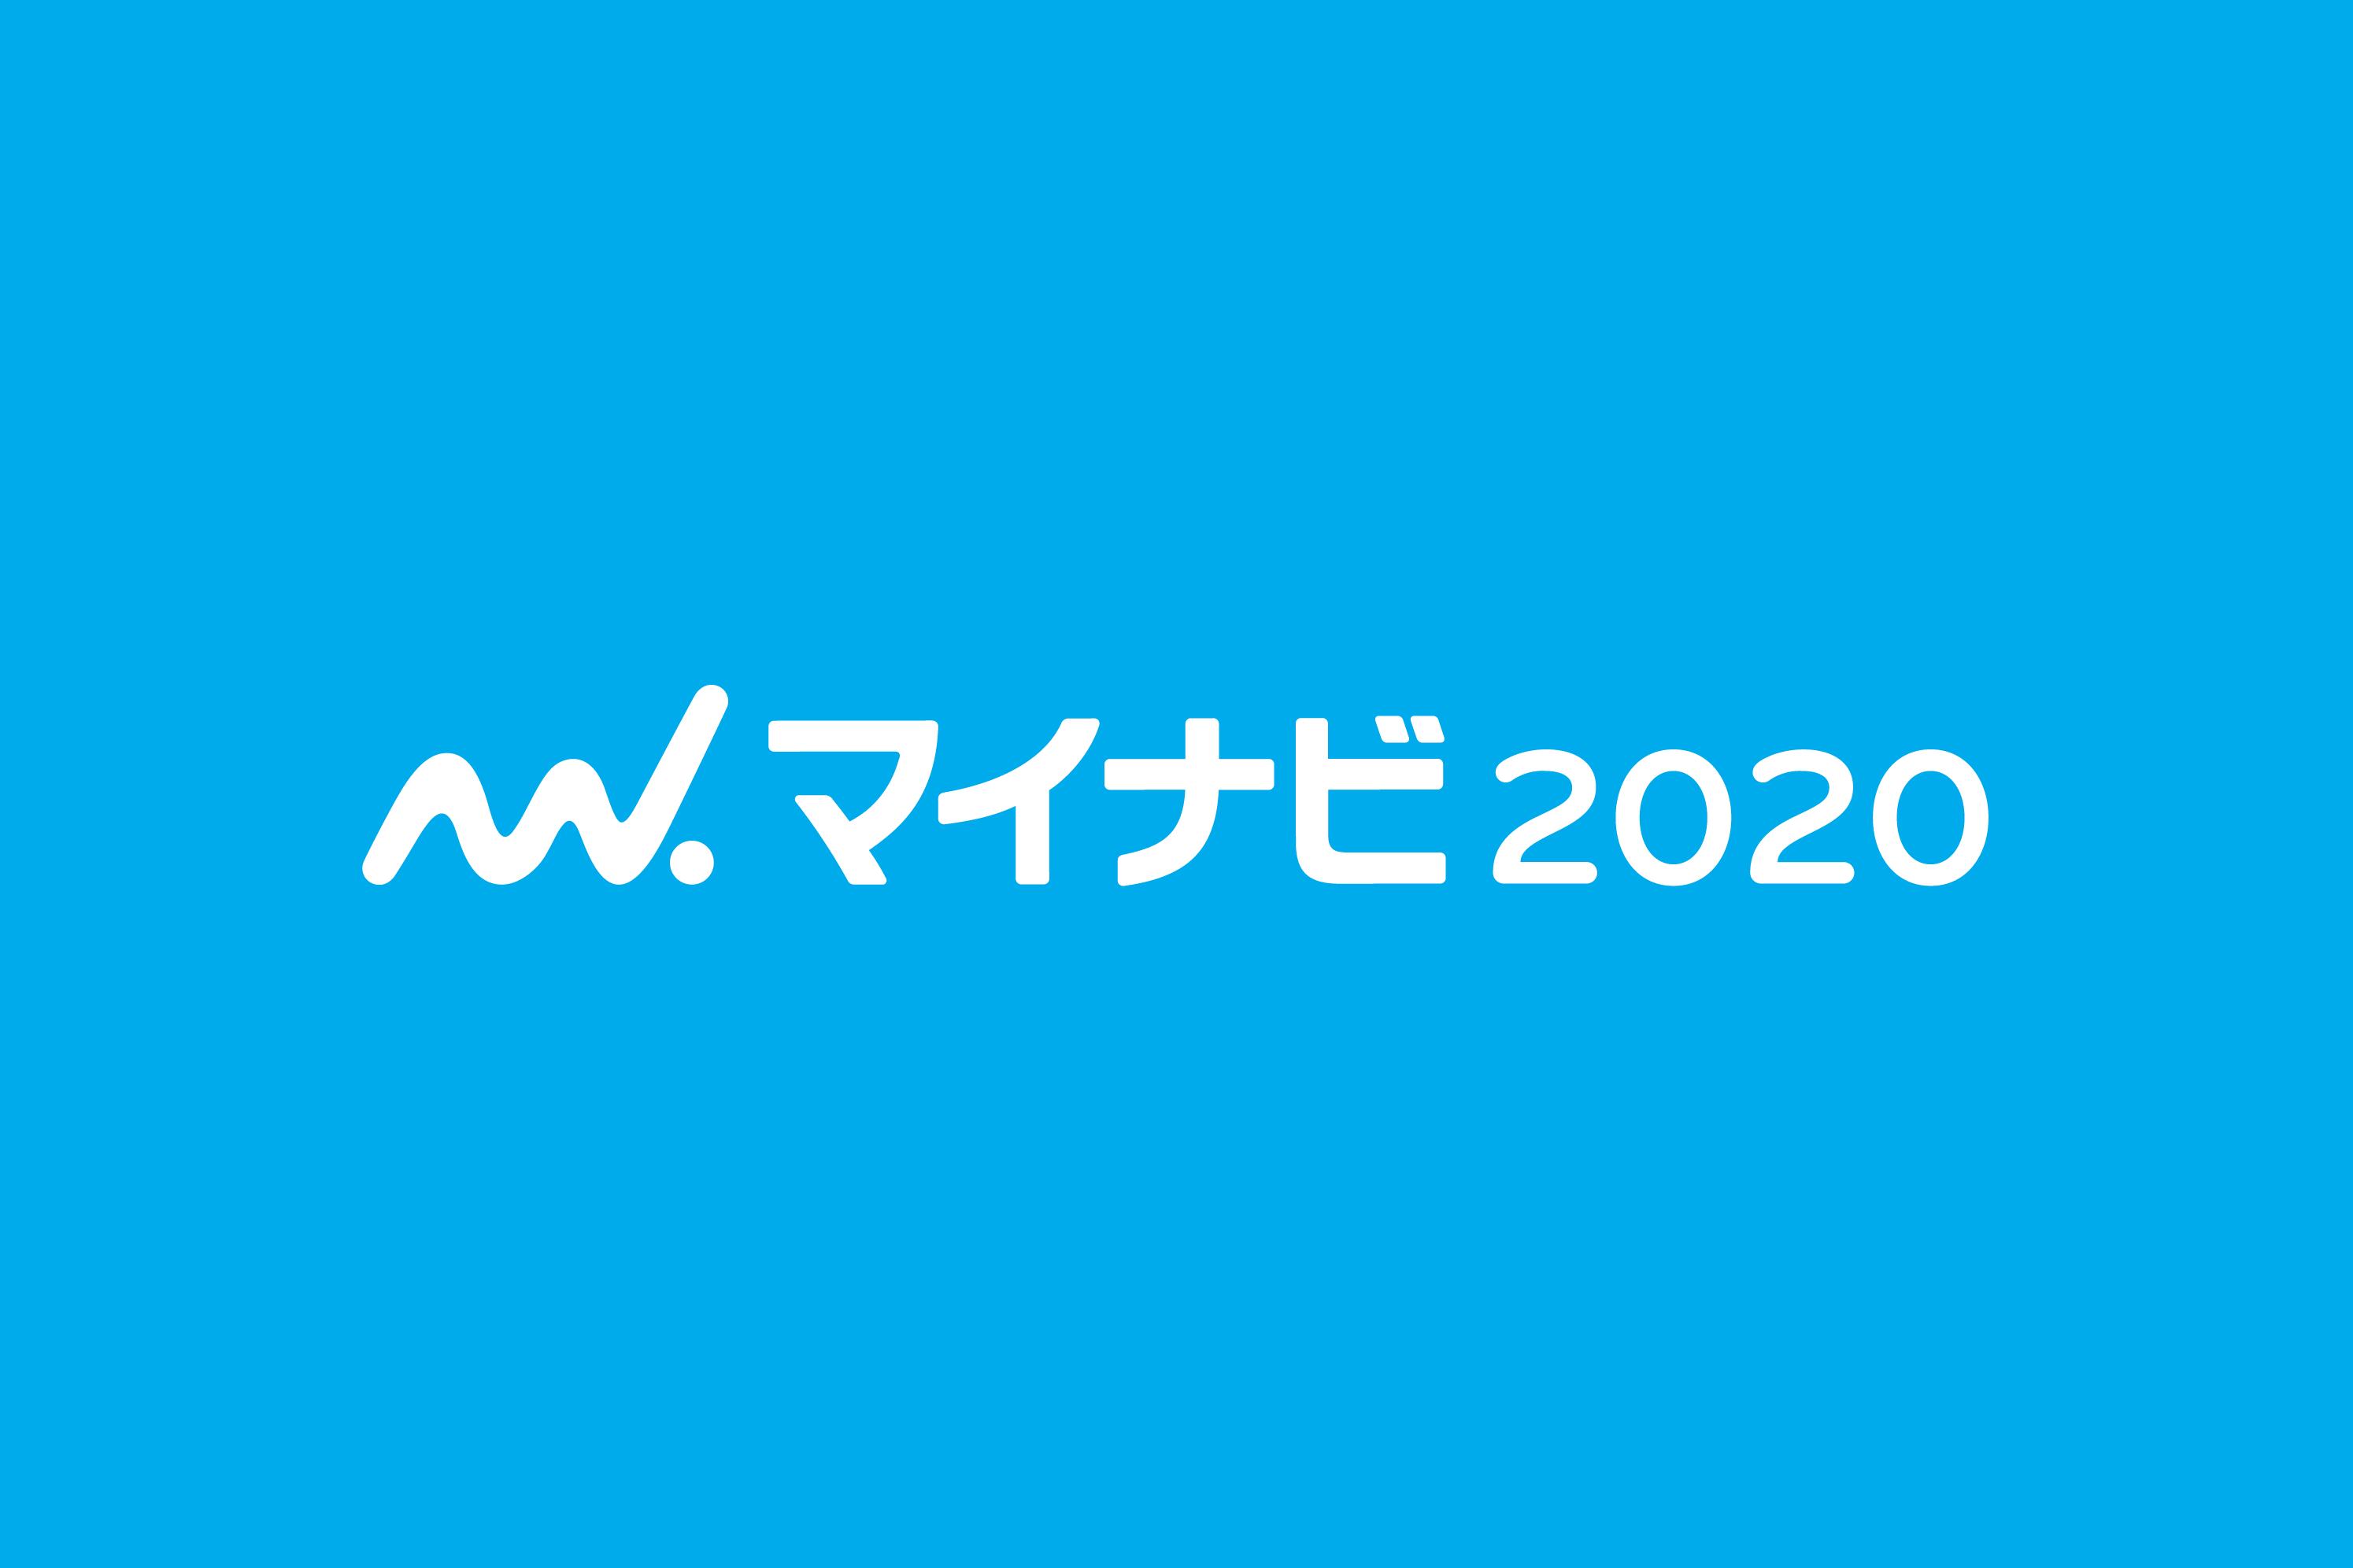 マイナビ2020